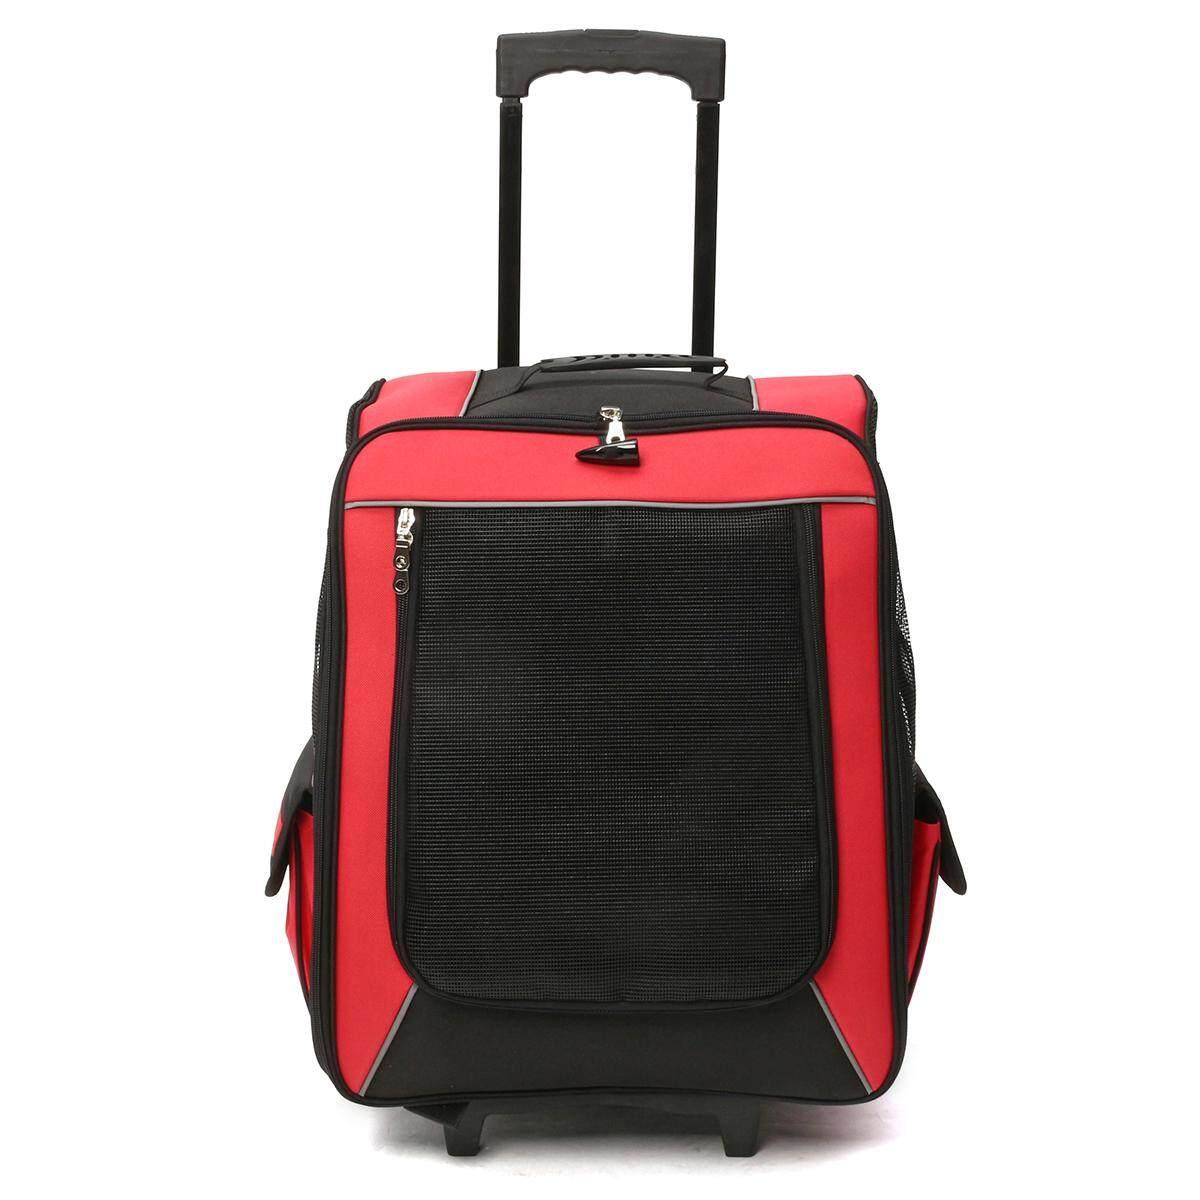 กระเป๋าสัตว์เลี้ยงสุนัขแมวเป้สะพายหลังม้วนได้ Travel ล้อกระเป๋า Fit เข็มขัดนิรภัยรถ  สีแดง - Intl By Channy.